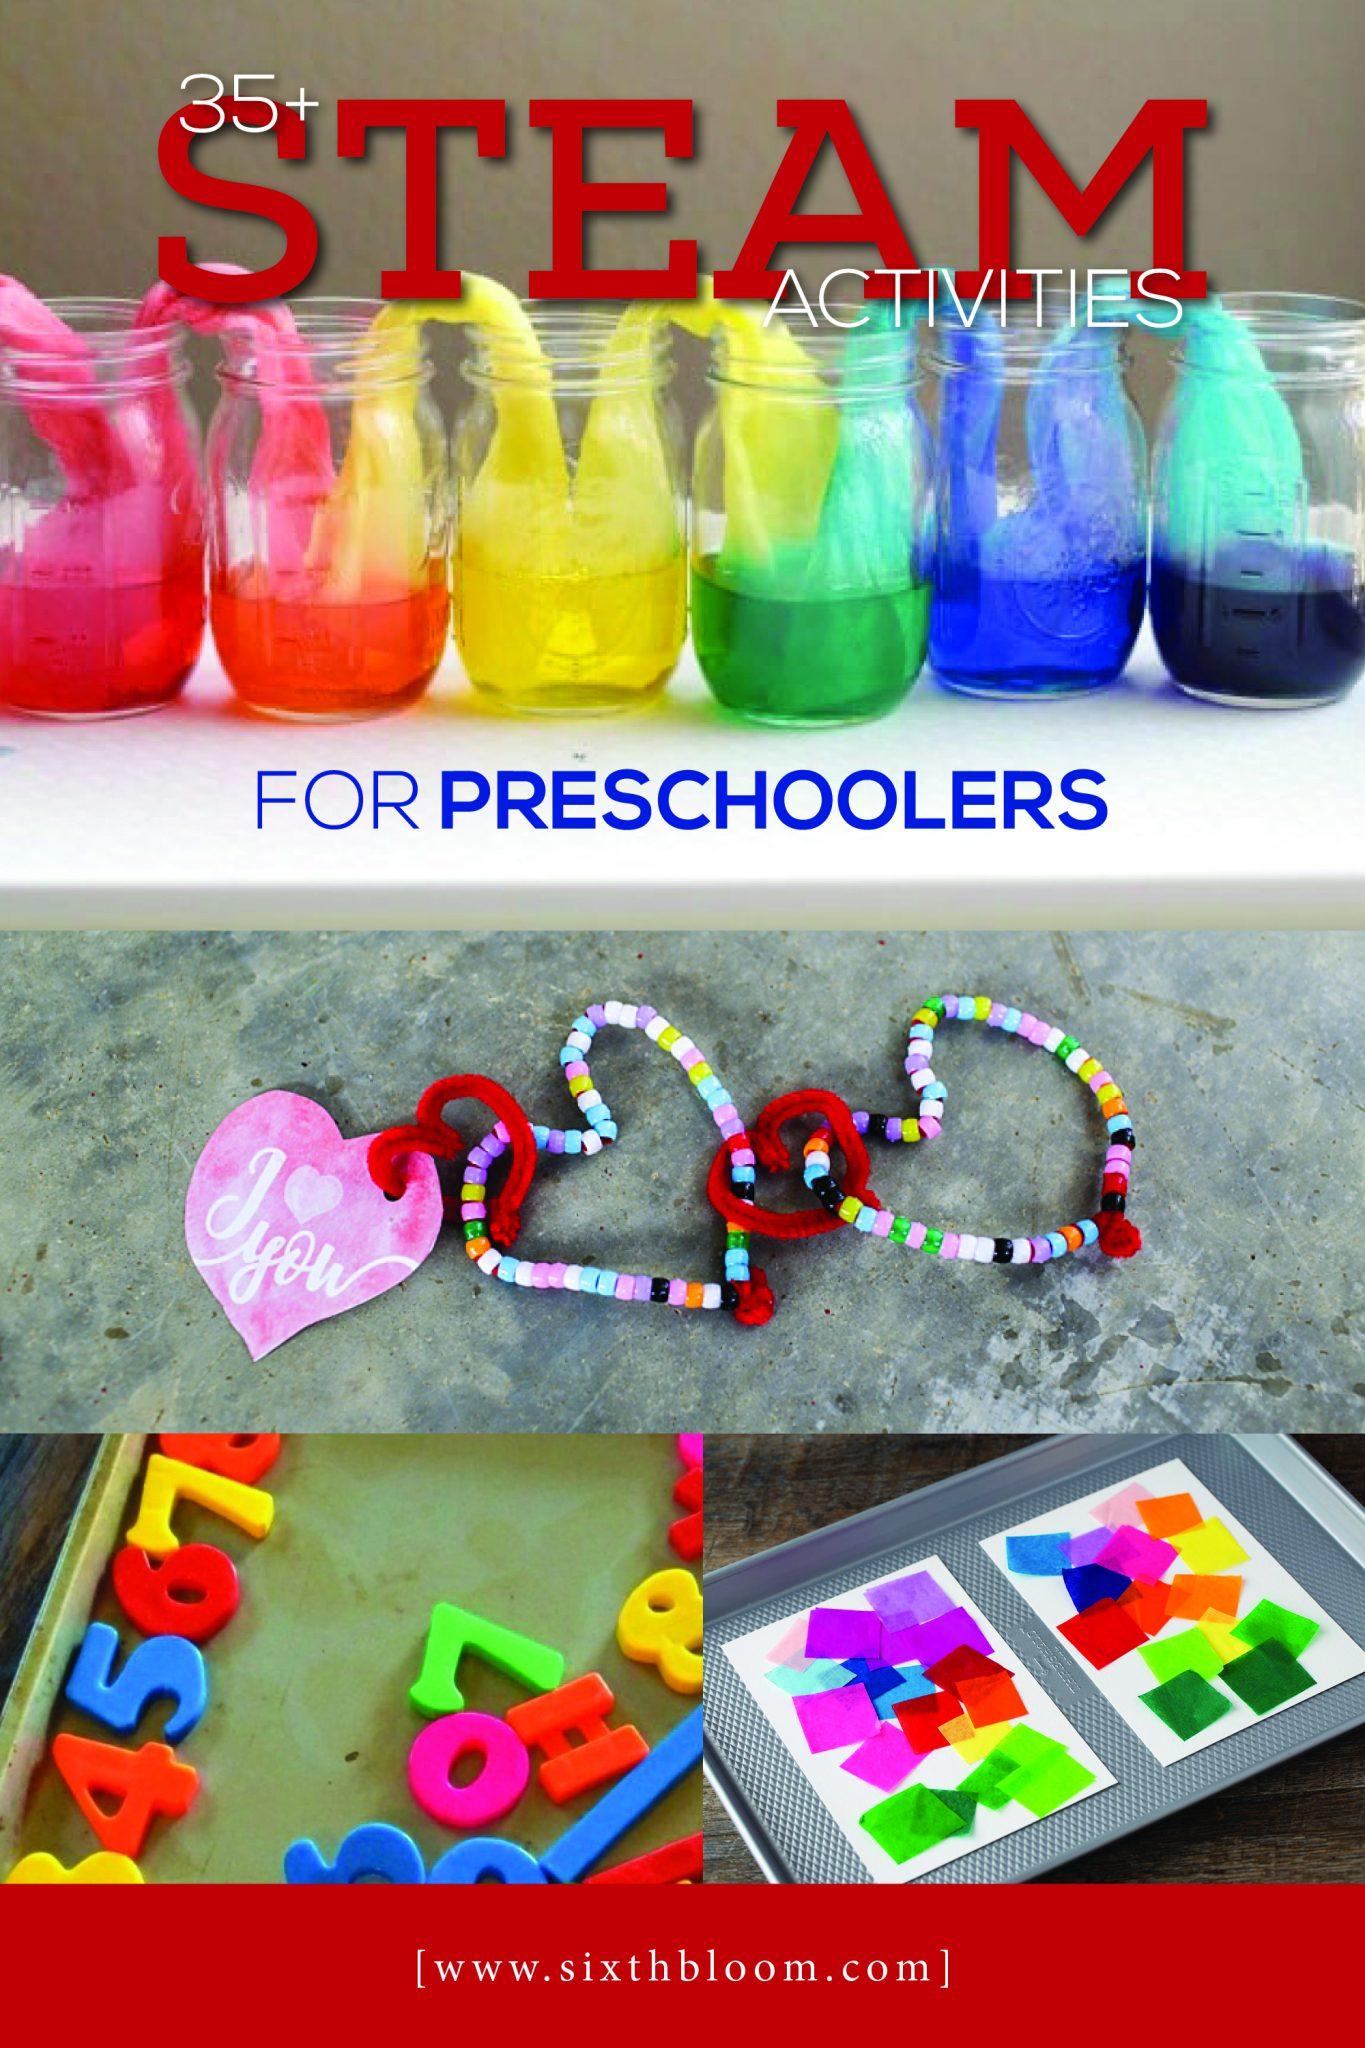 35 Steam Activities For Preschoolers